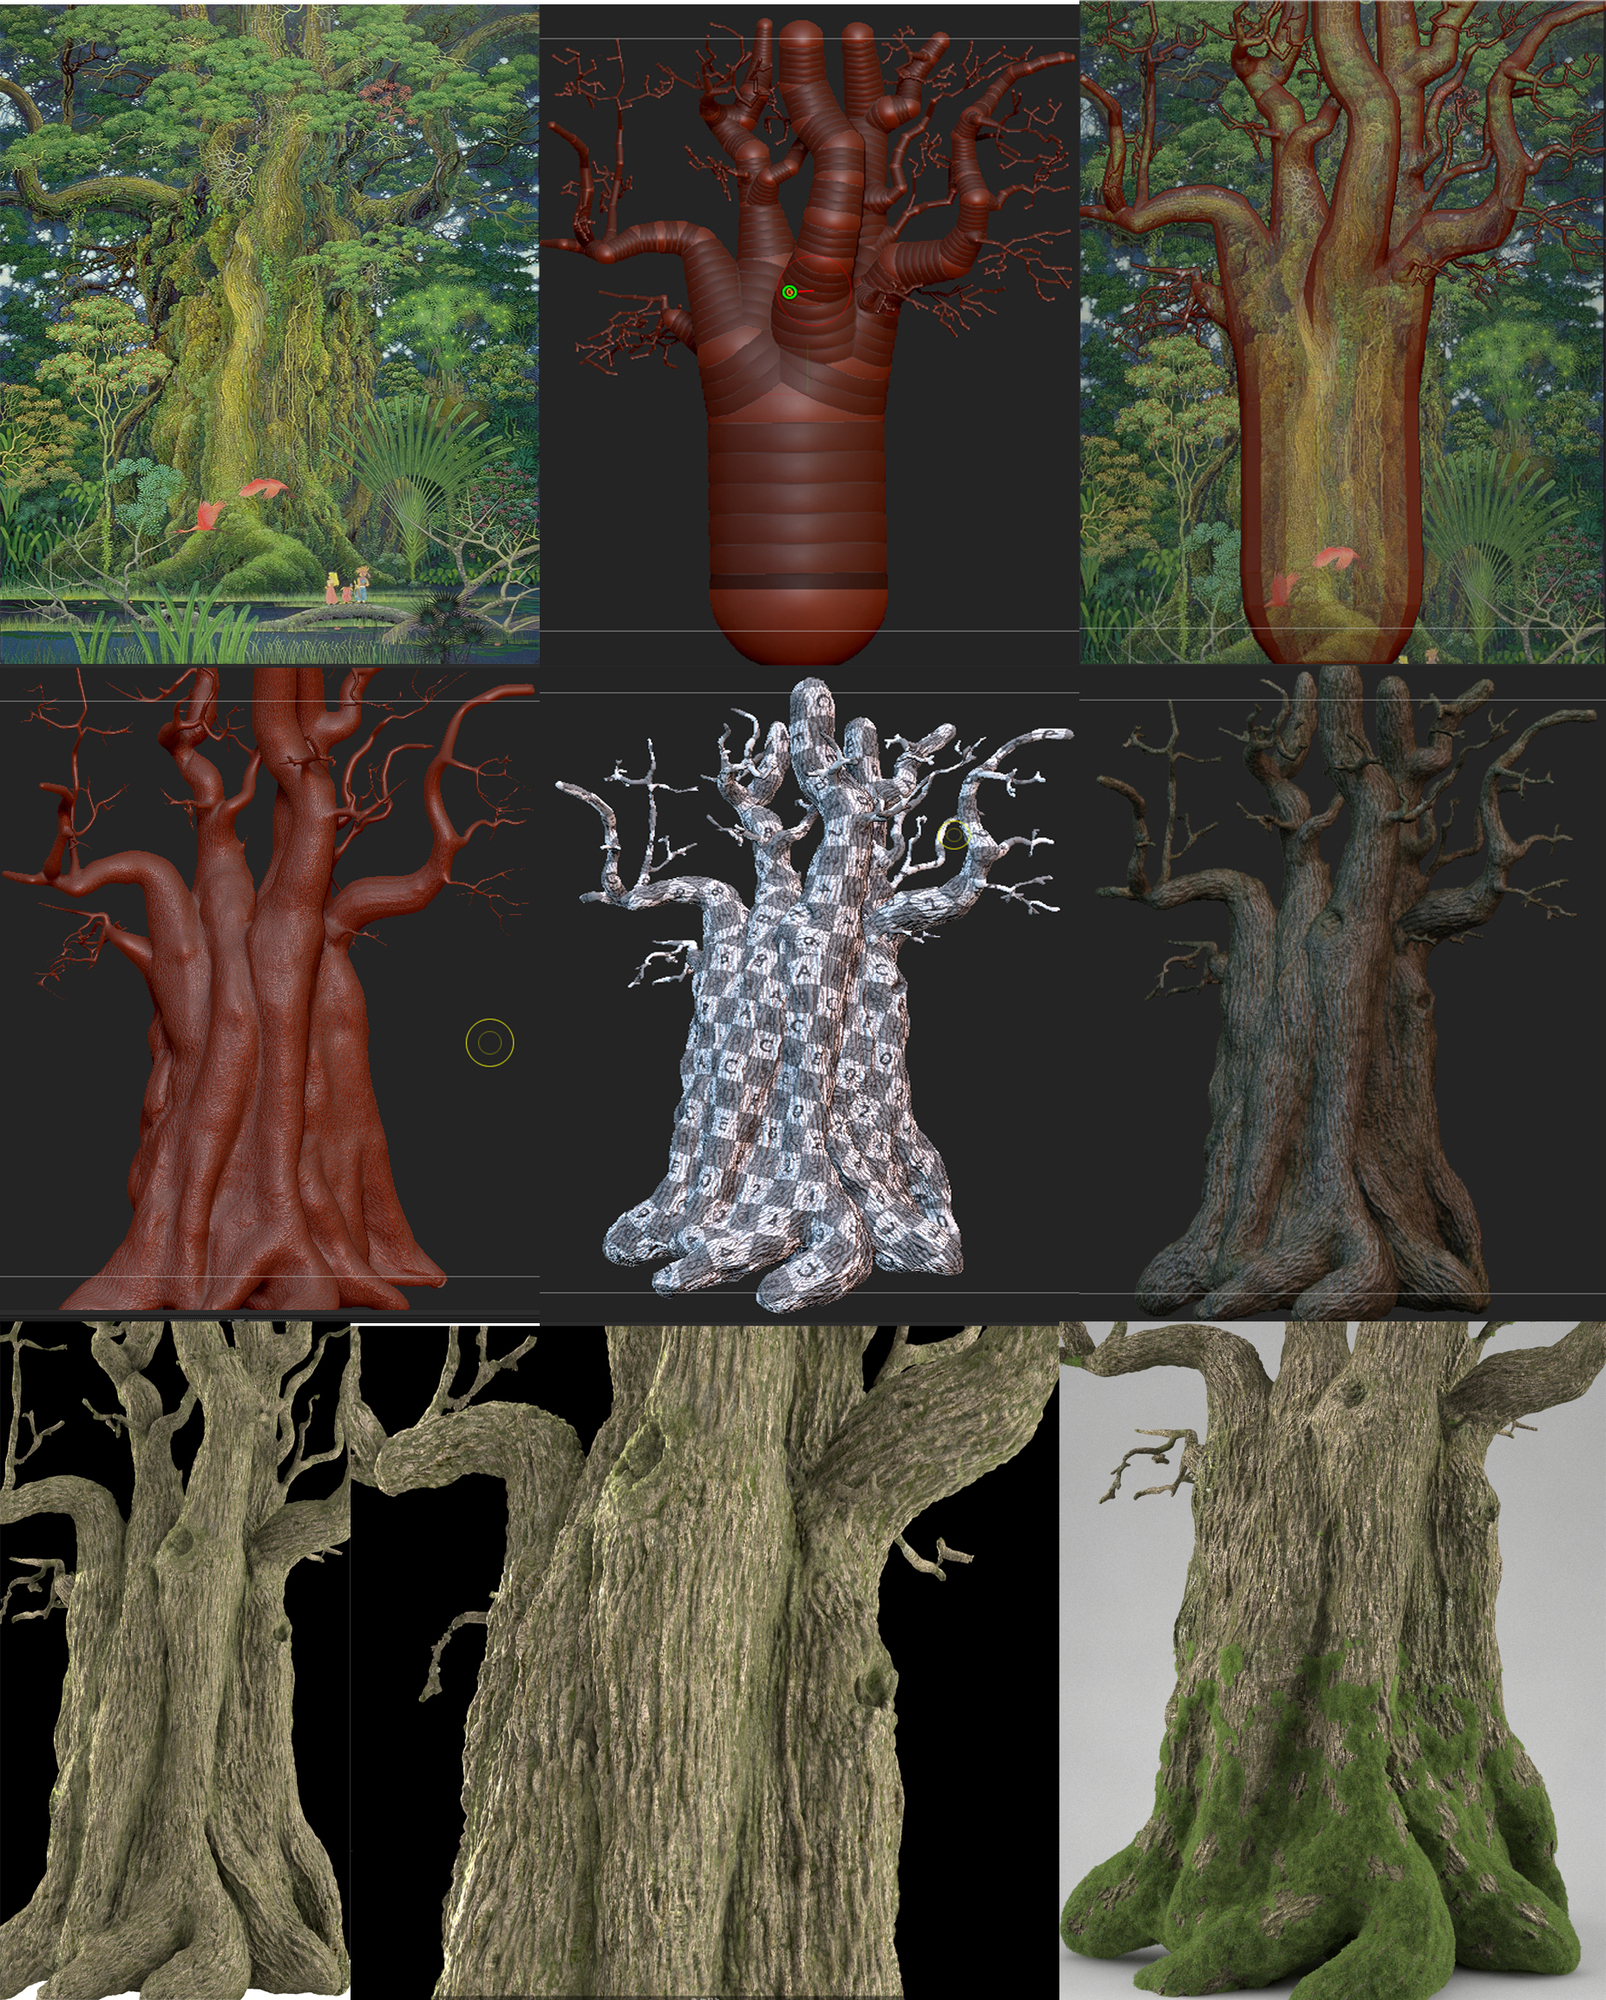 mana_tree_workflow_by_iamski-dab4bqa.jpg